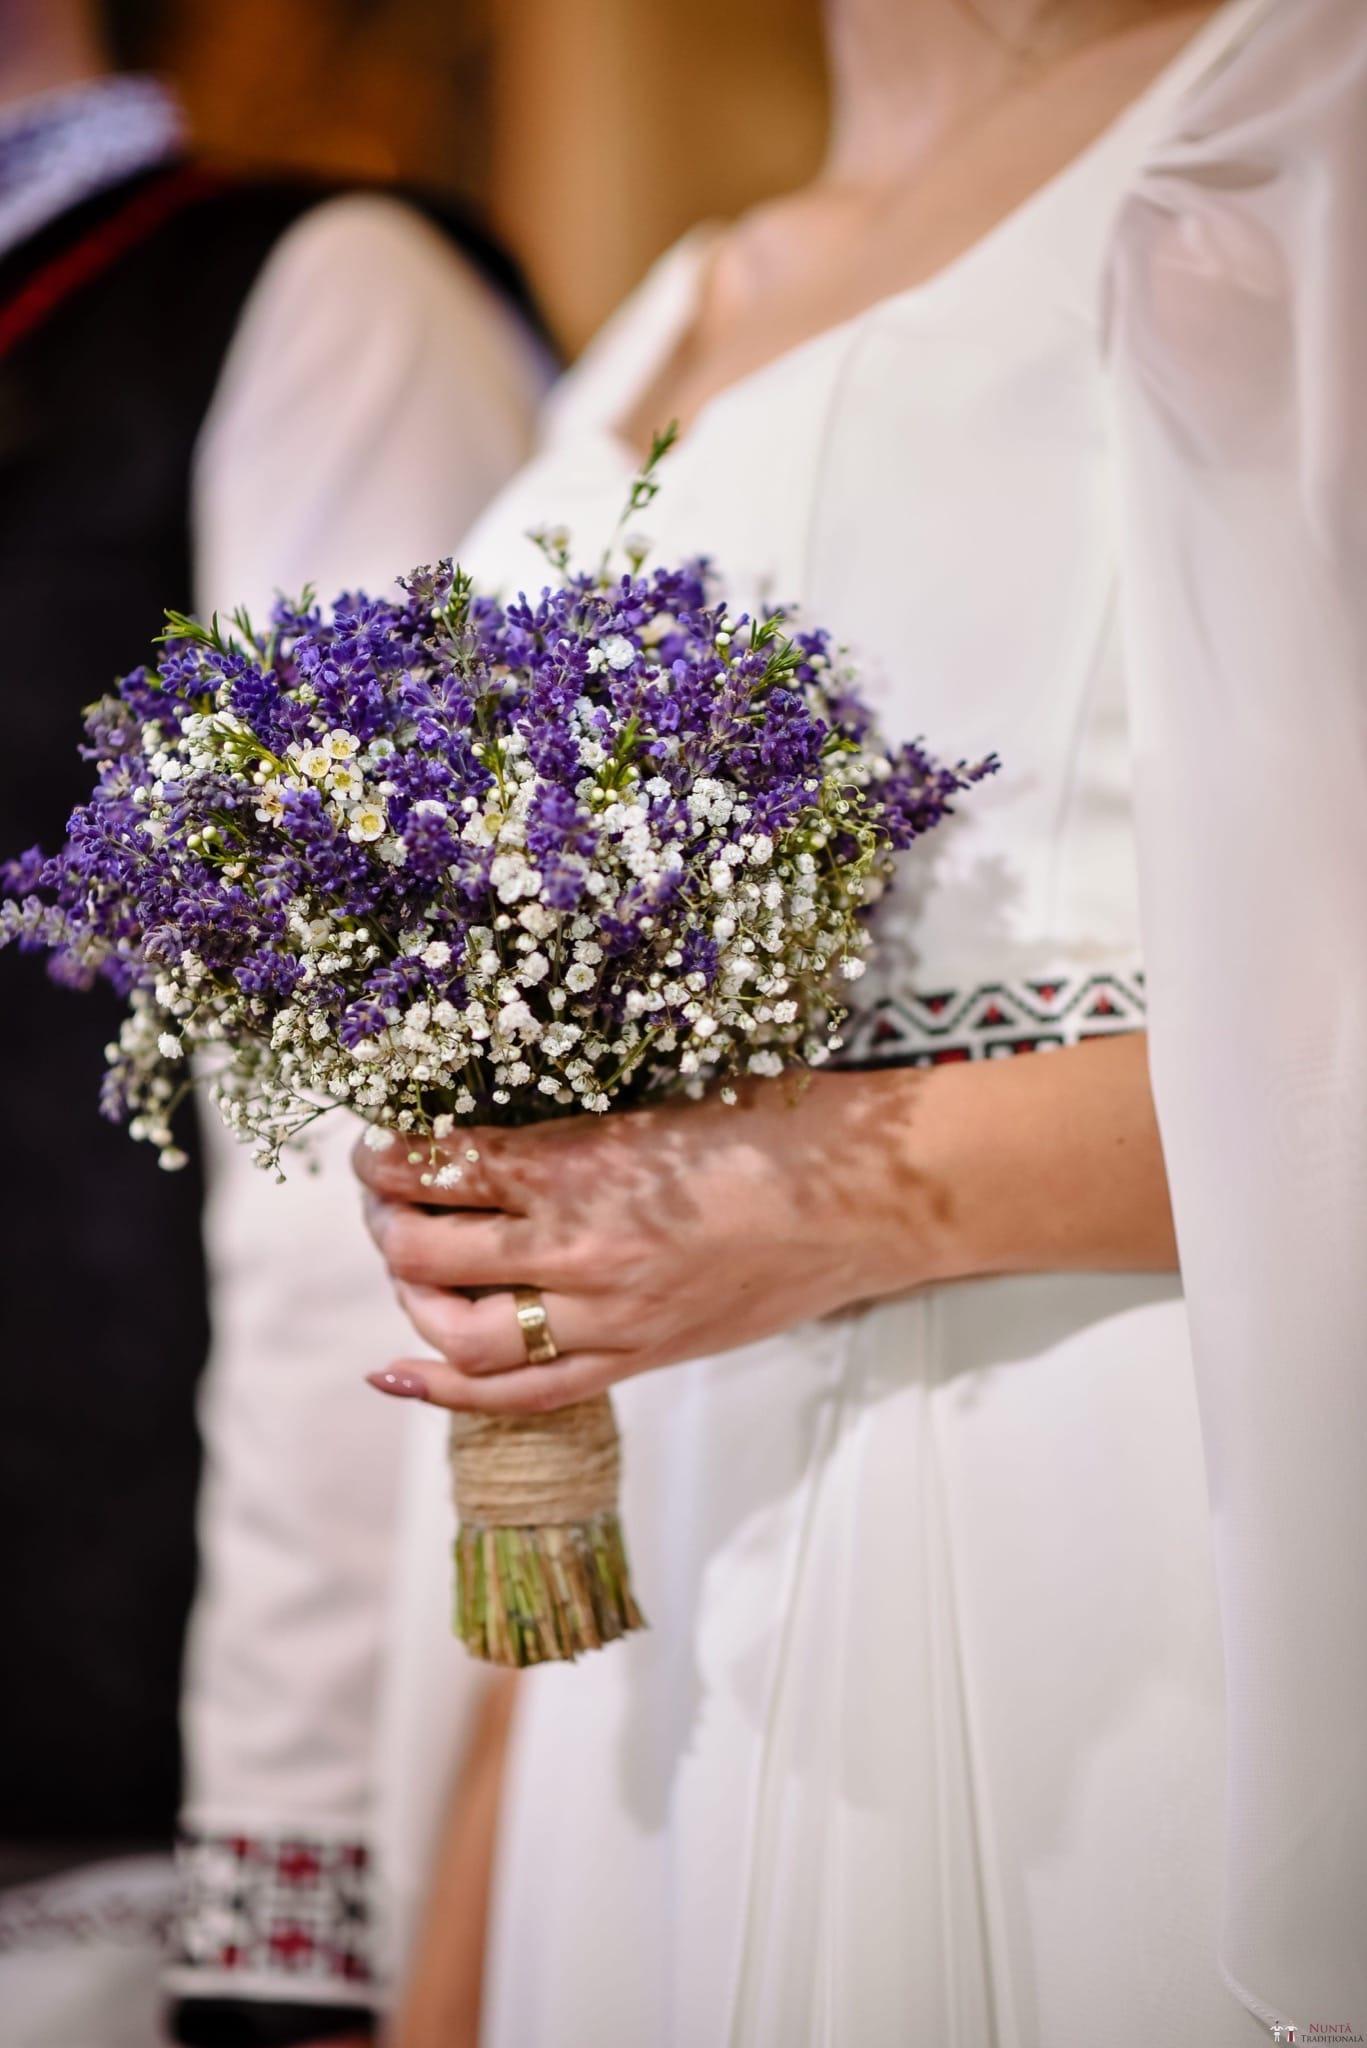 Povești Nunți Tradiționale - Georgiana și Andrei, nuntă tradițională în Iași 21